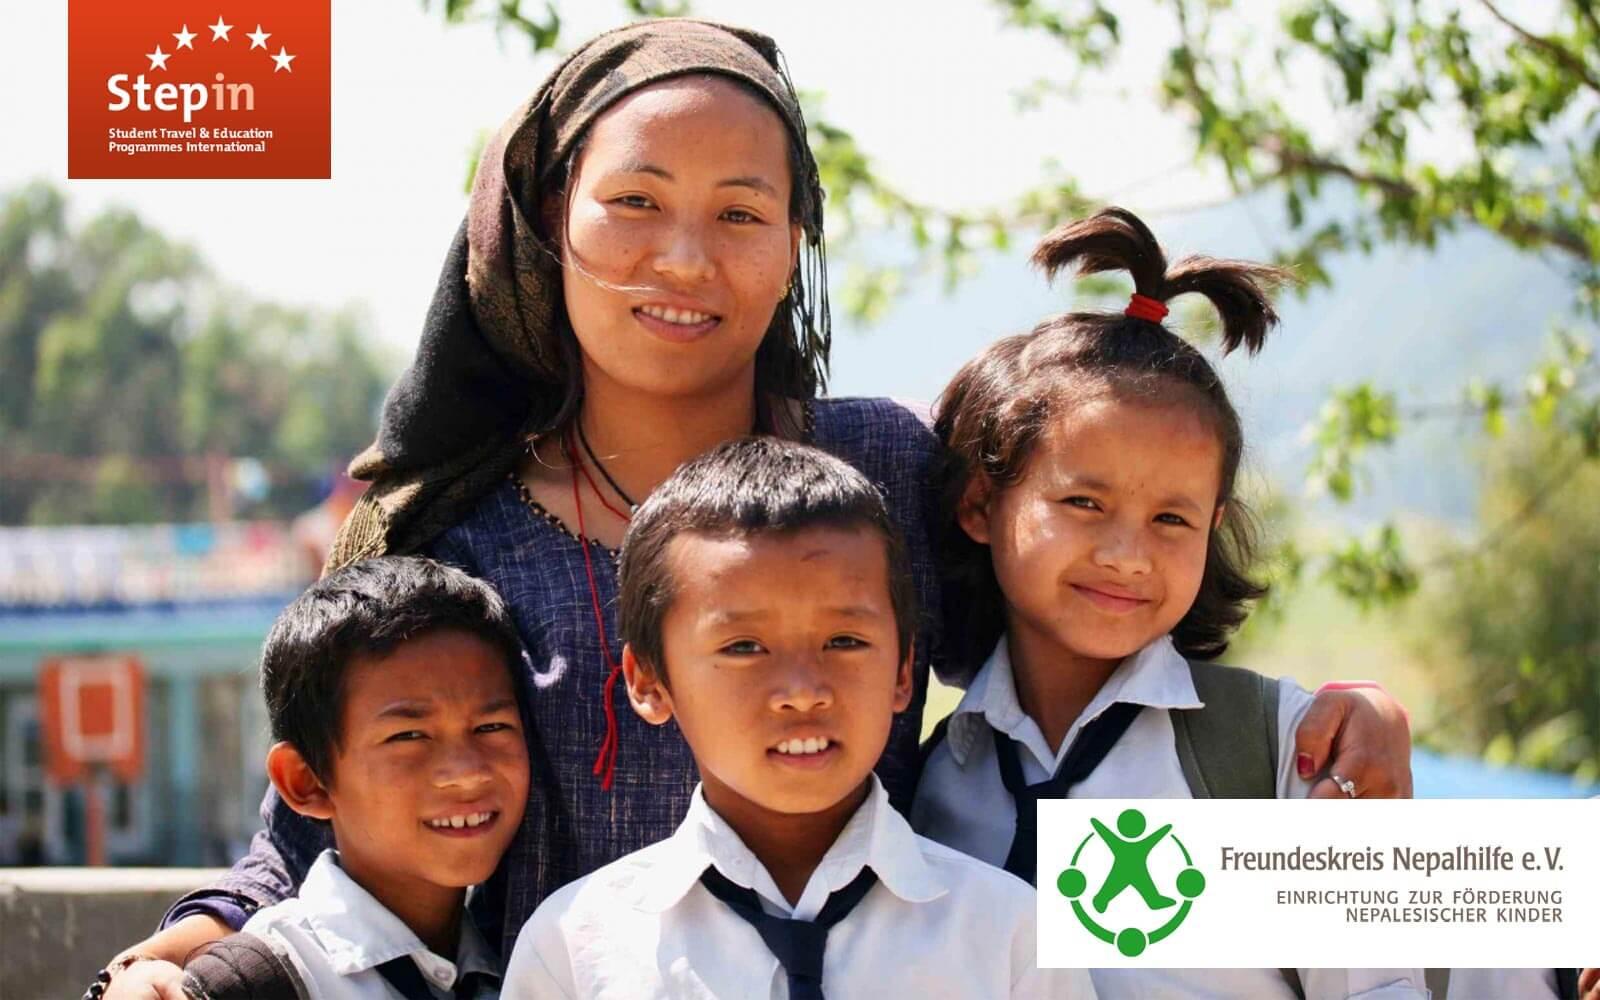 Stepin fördert Nepalhilfe